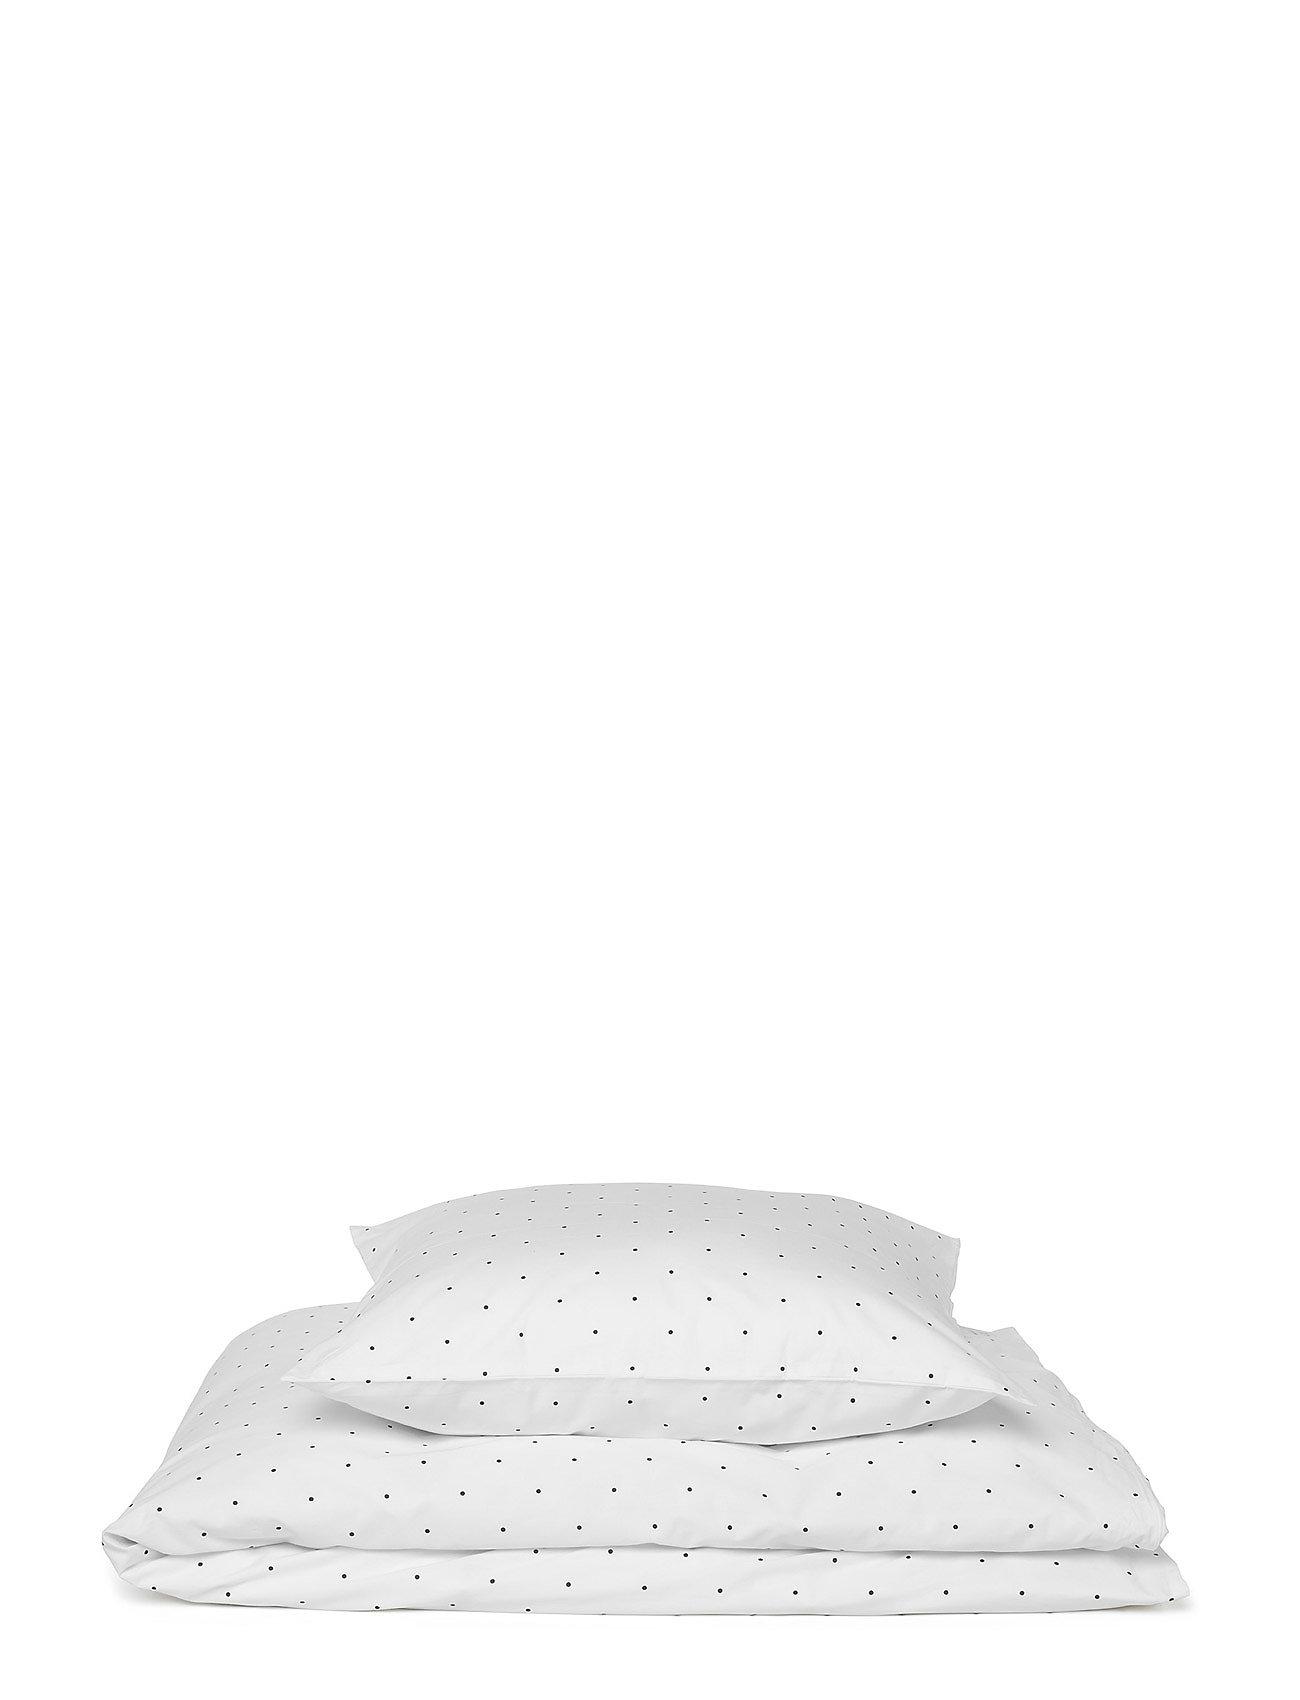 75c407d0 Fine Bedding Classic Dot Liewood Sengetøy Og Håndklær til i skjønne  materialer